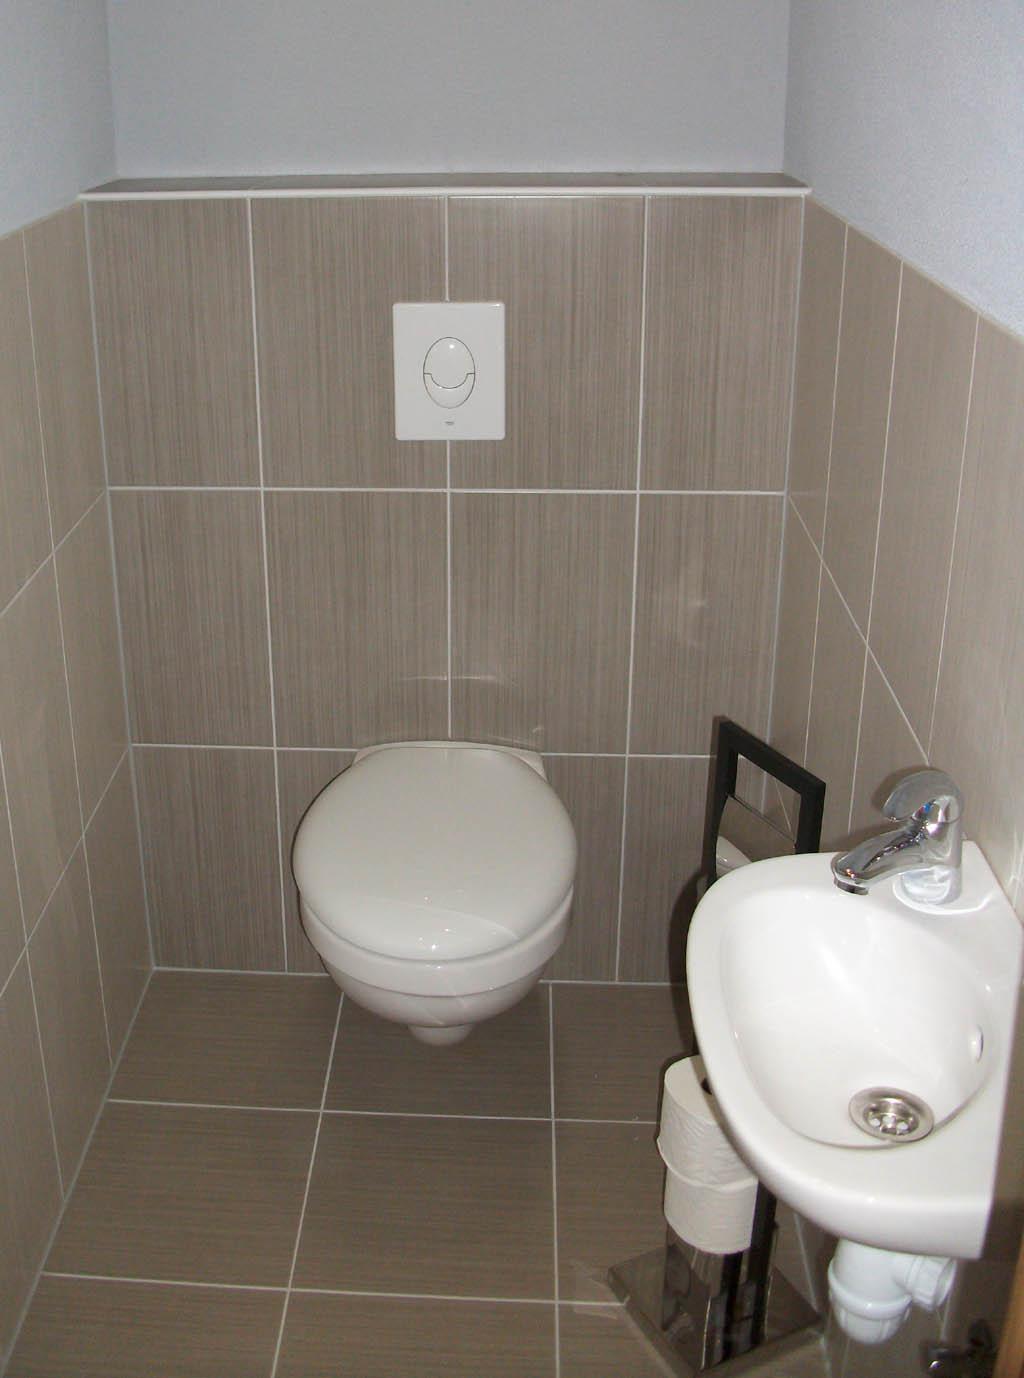 Carrelage adhésif pour toilettes - Idée de maison et déco